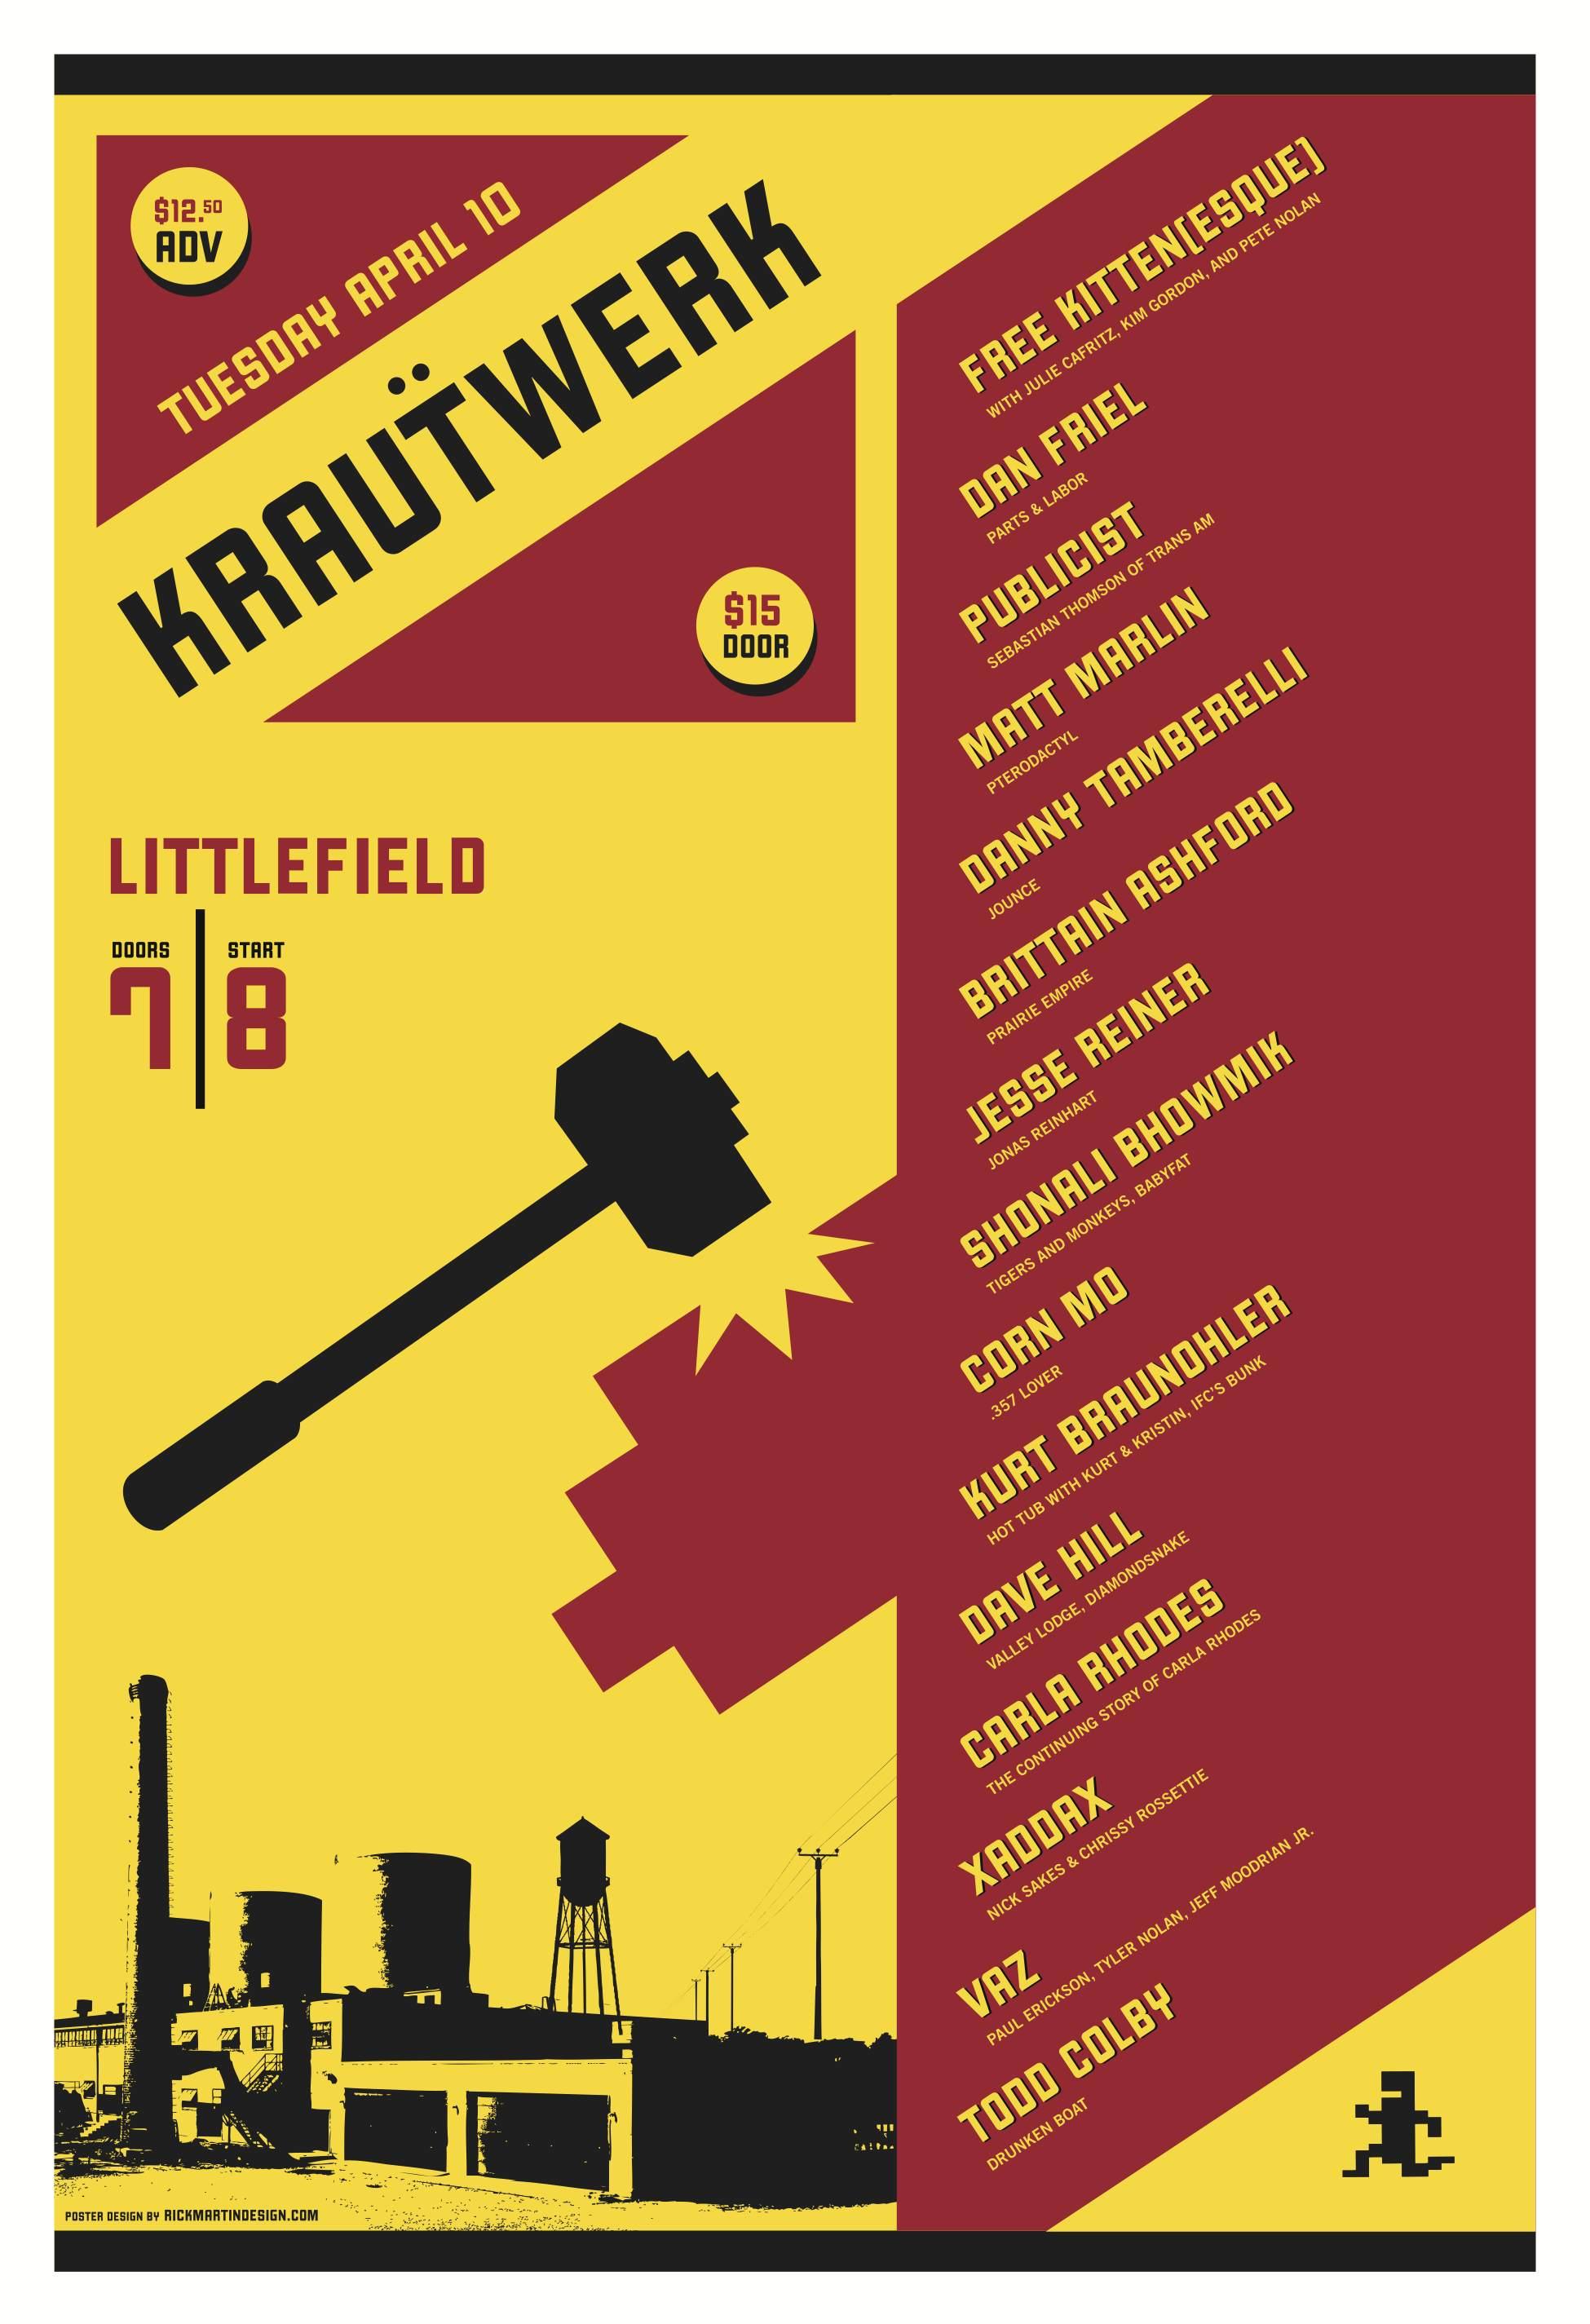 krautwerk_poster_04